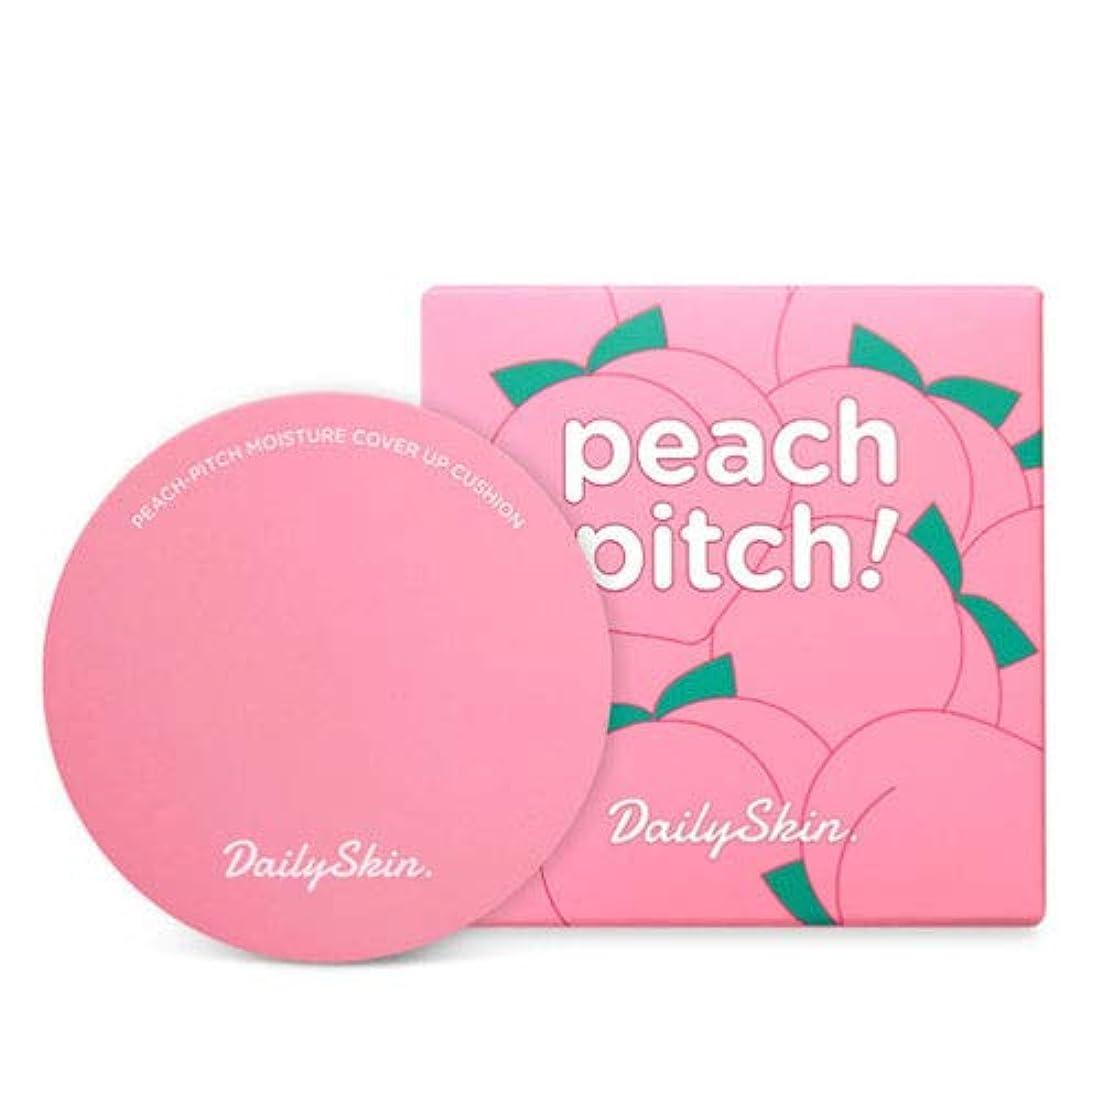 実際想像力豊かなジャンピングジャック[RENEWAL] デイリースキン ピーチ モイスチャー カバー アップ クッション Daily Skin Peach-Pitch Moisture Cover Up Cushion (No.23 Peach Natural...